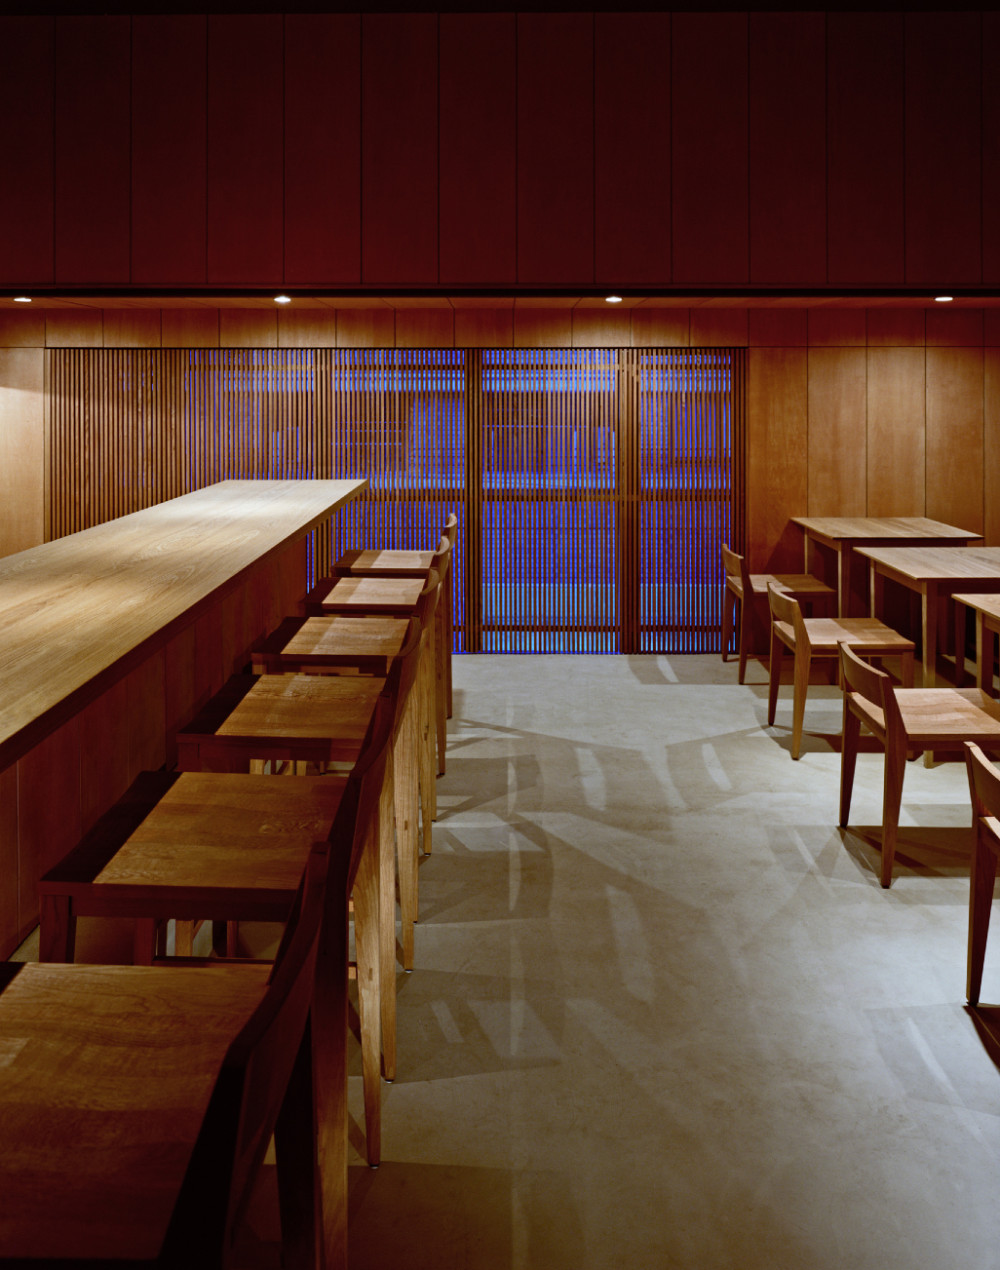 日本设计的餐饮,设计和灯光超级棒(一)_075.jpg